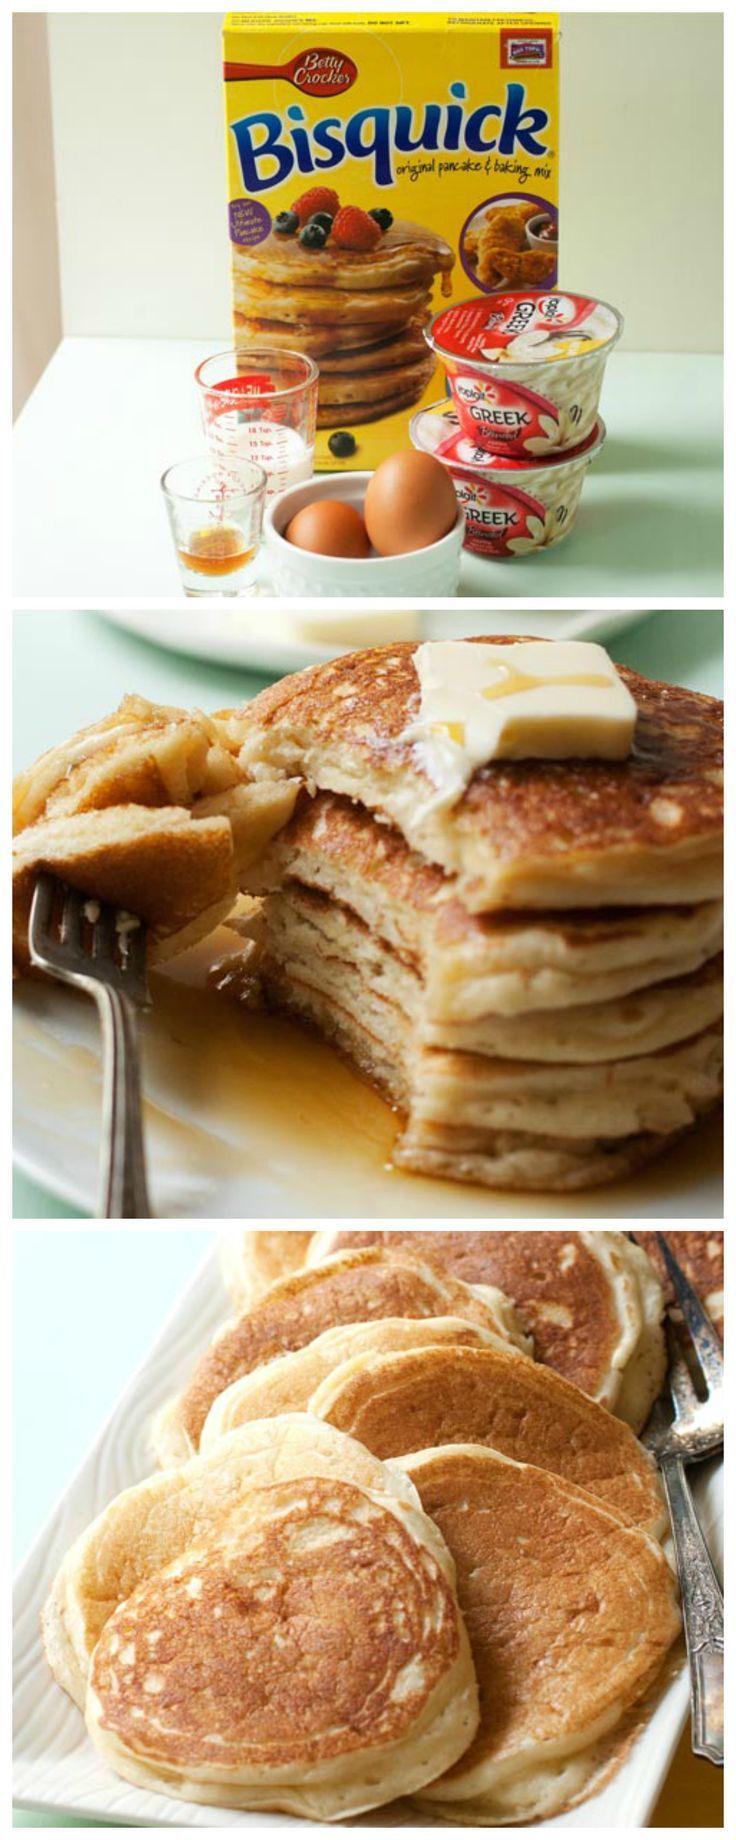 A pancake that powers the greek yogurt pancake greek yogurt a pancake that powers the greek yogurt pancake ccuart Images